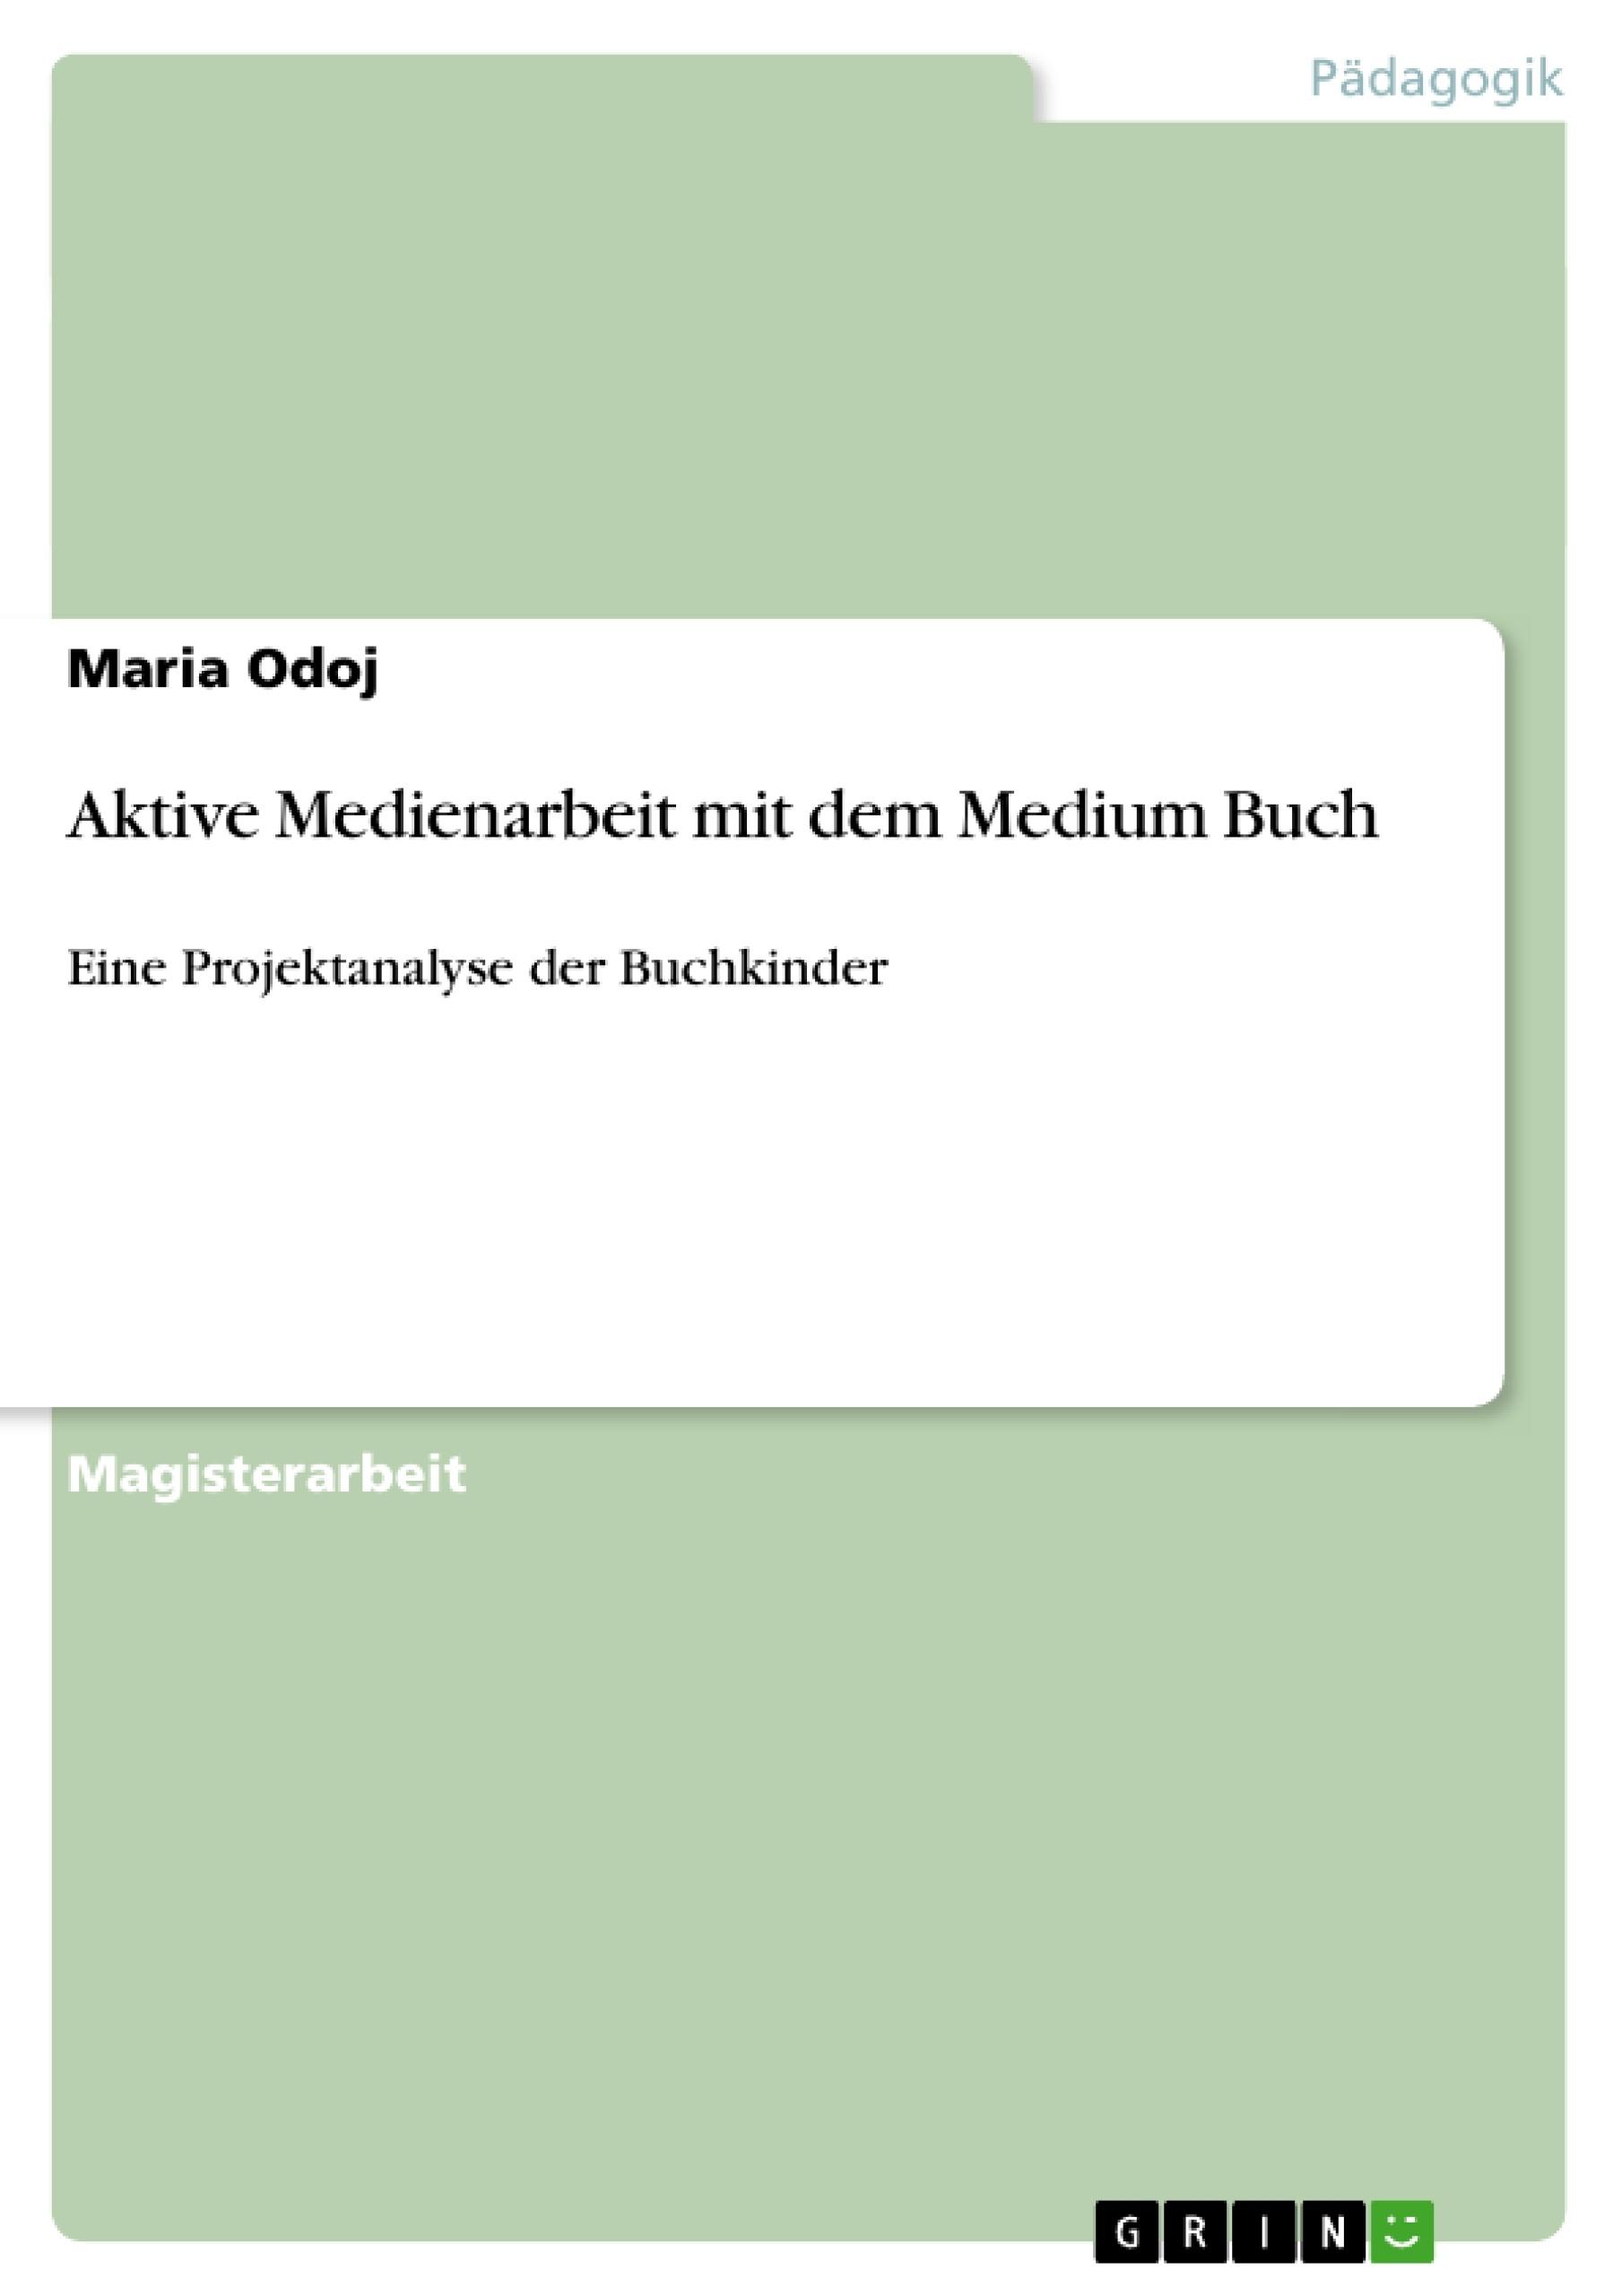 Titel: Aktive Medienarbeit mit dem Medium Buch